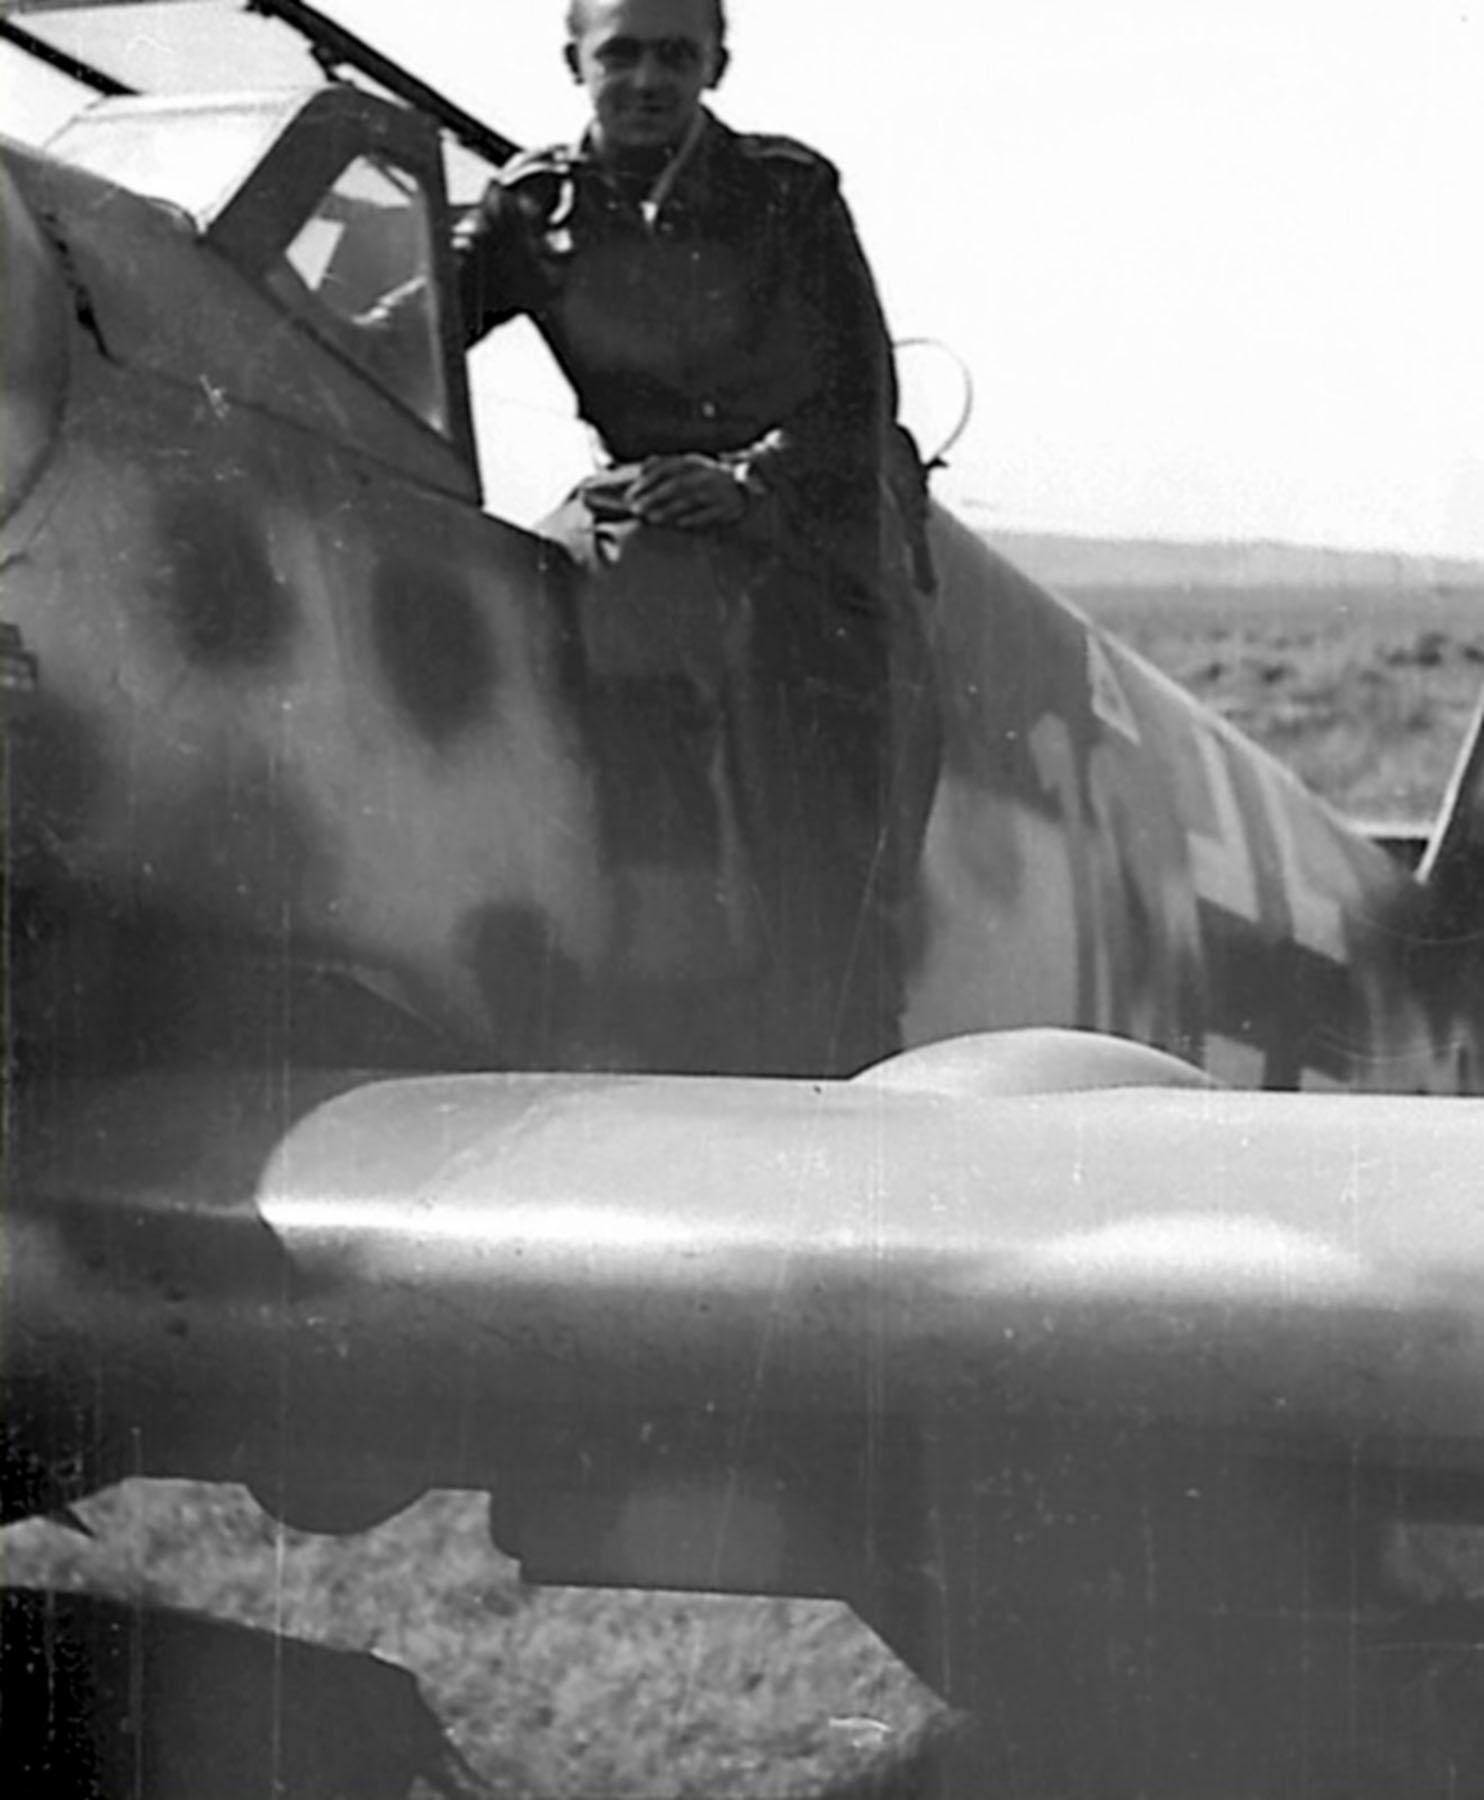 Messerschmitt Bf 109G6R3 Reichsverteidigung Yellow 10 unknown unit and pilot 01